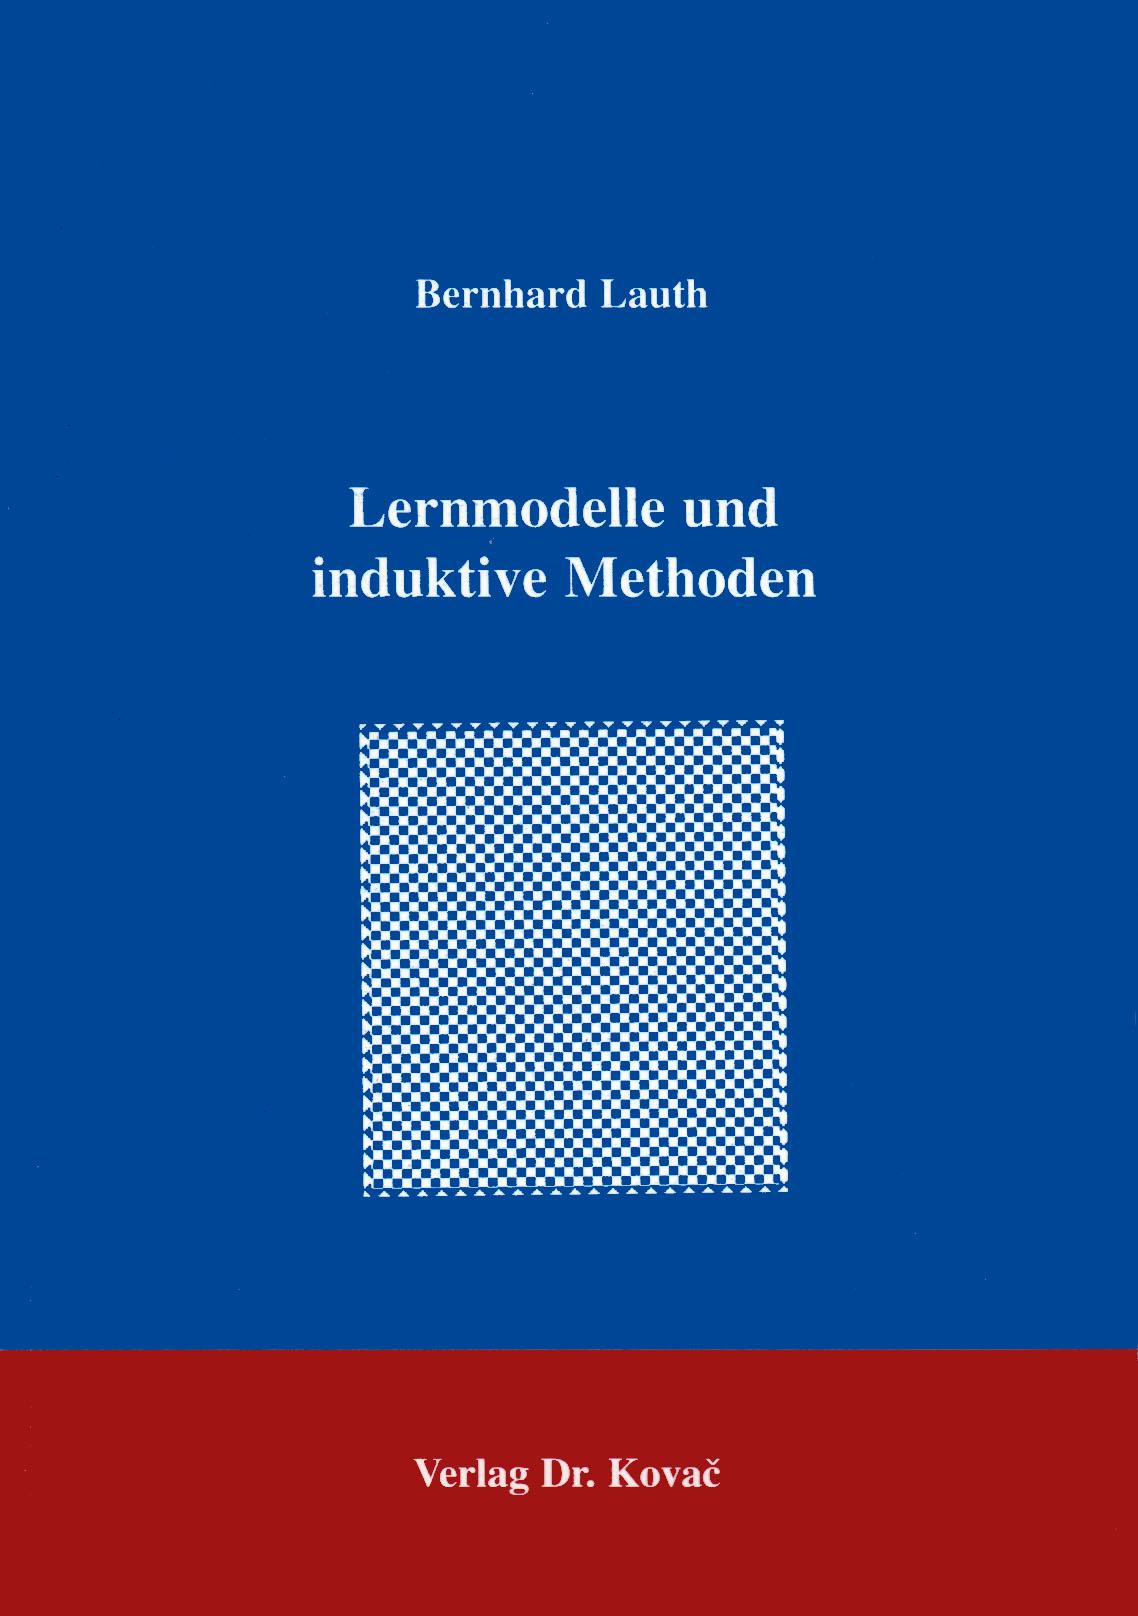 Cover: Lernmodelle und induktive Methoden